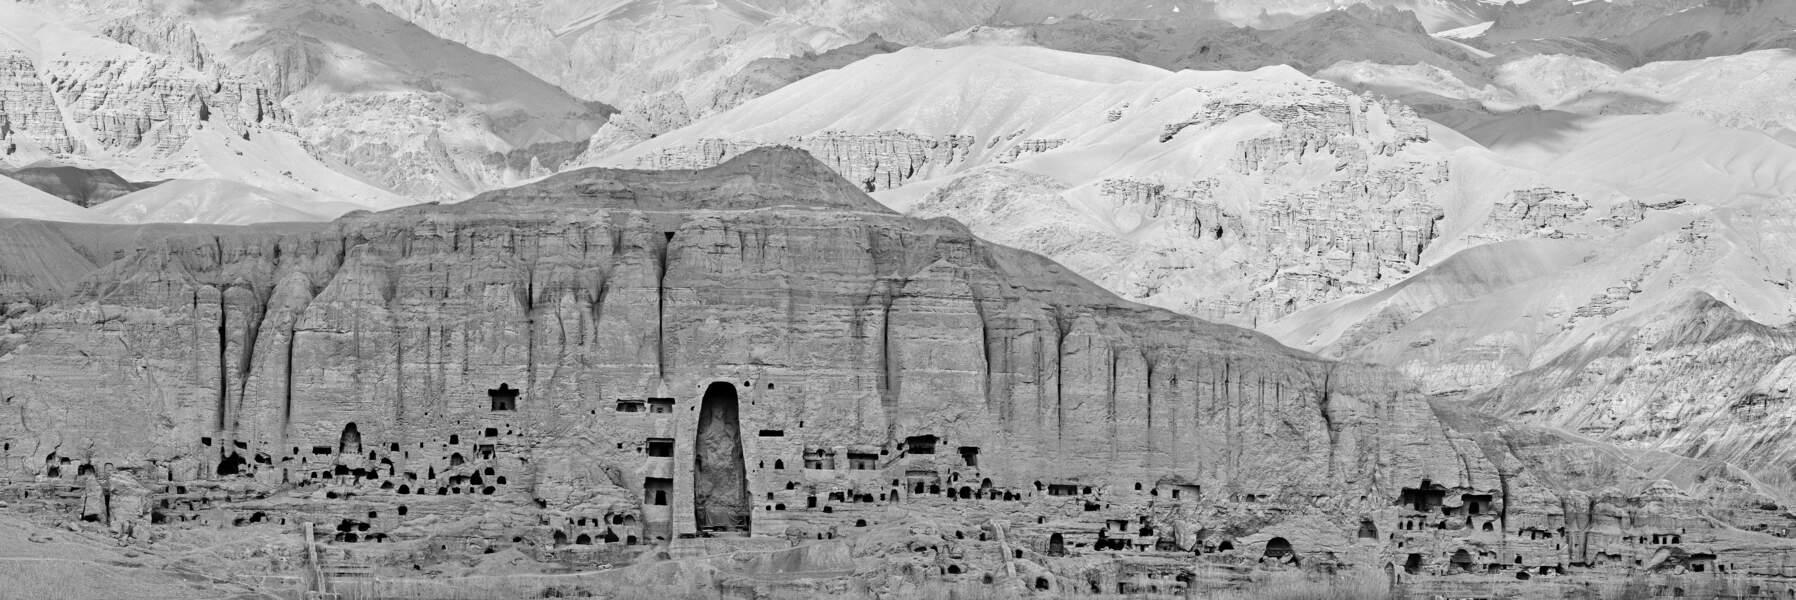 Extrait panoramique de la falaise de Bâmiyân